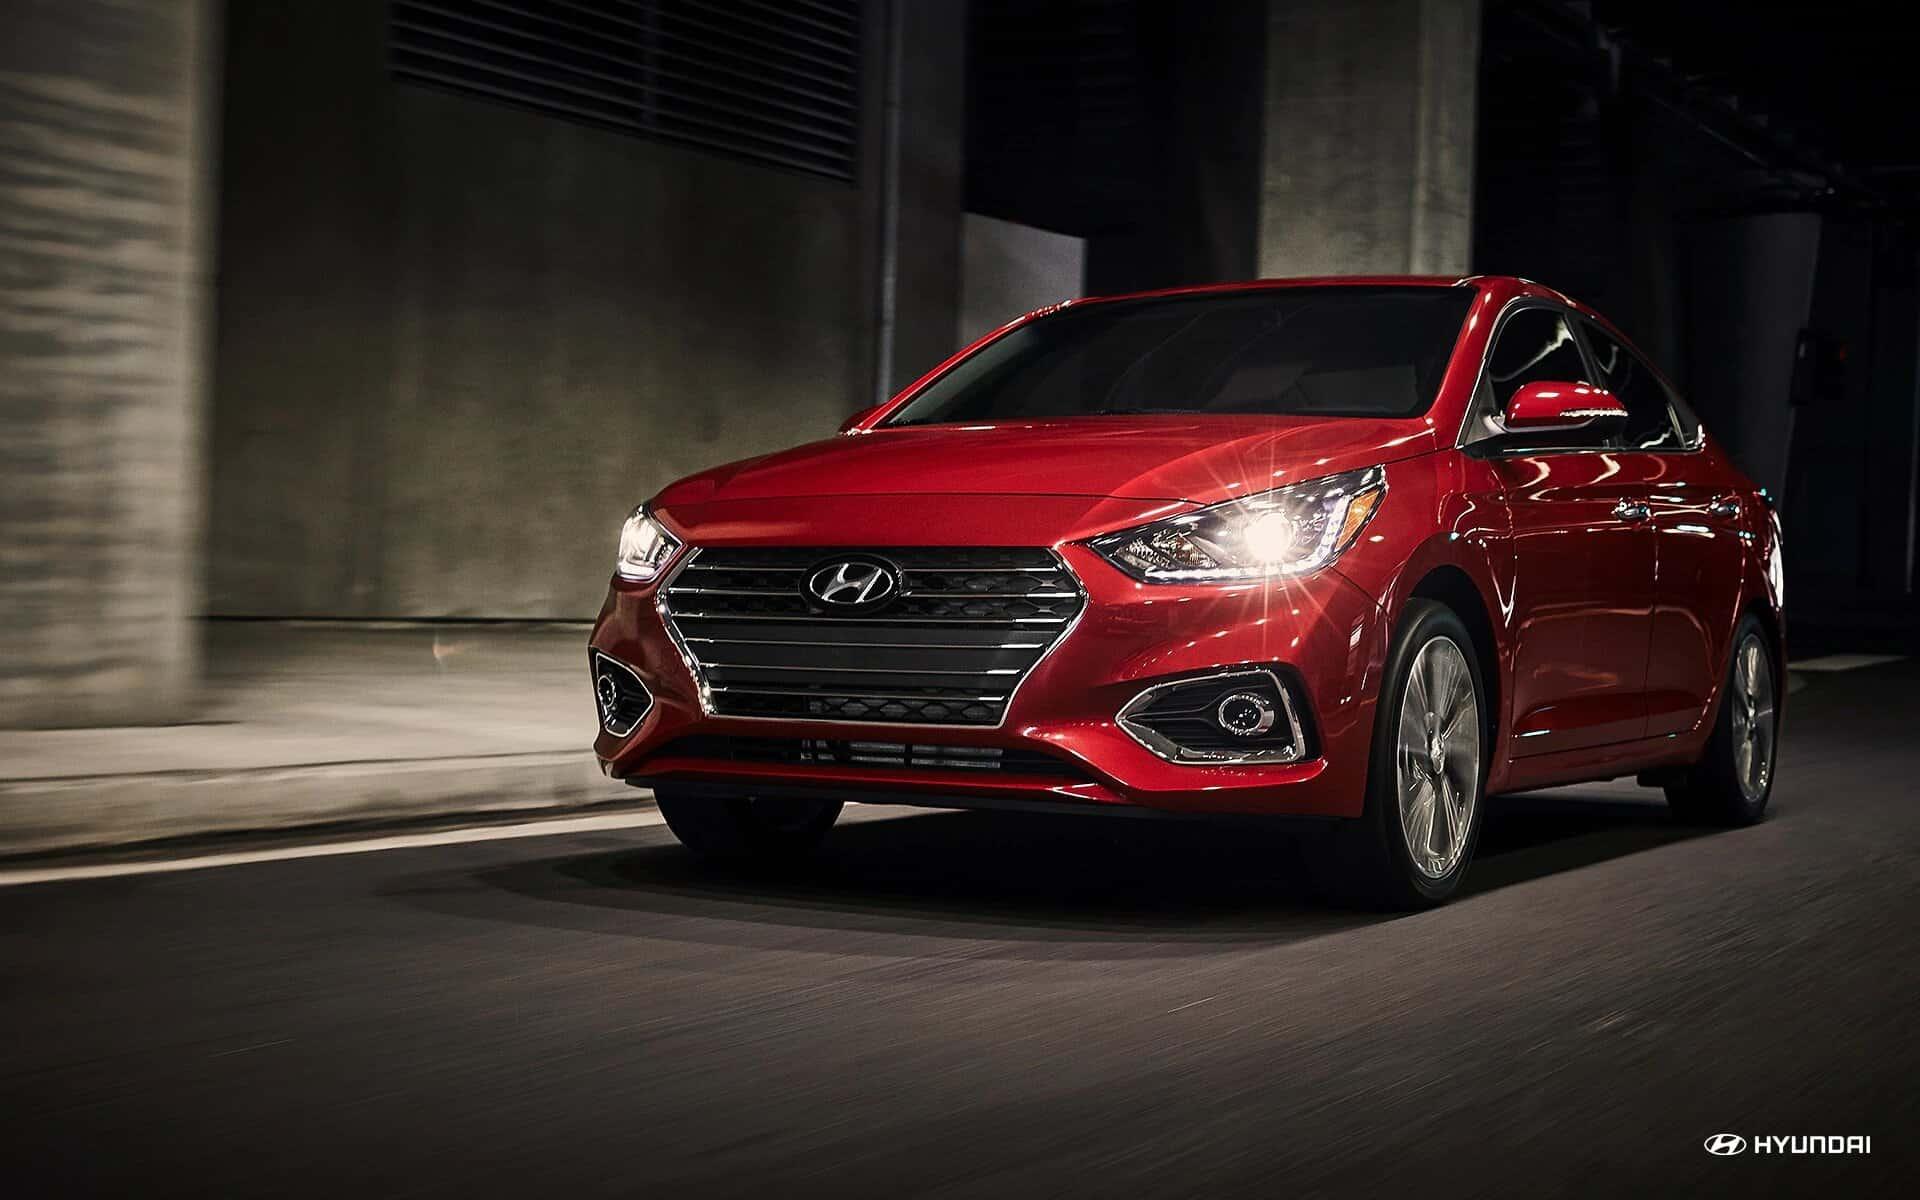 Lease a 2020 Hyundai Accent near Cranston RI